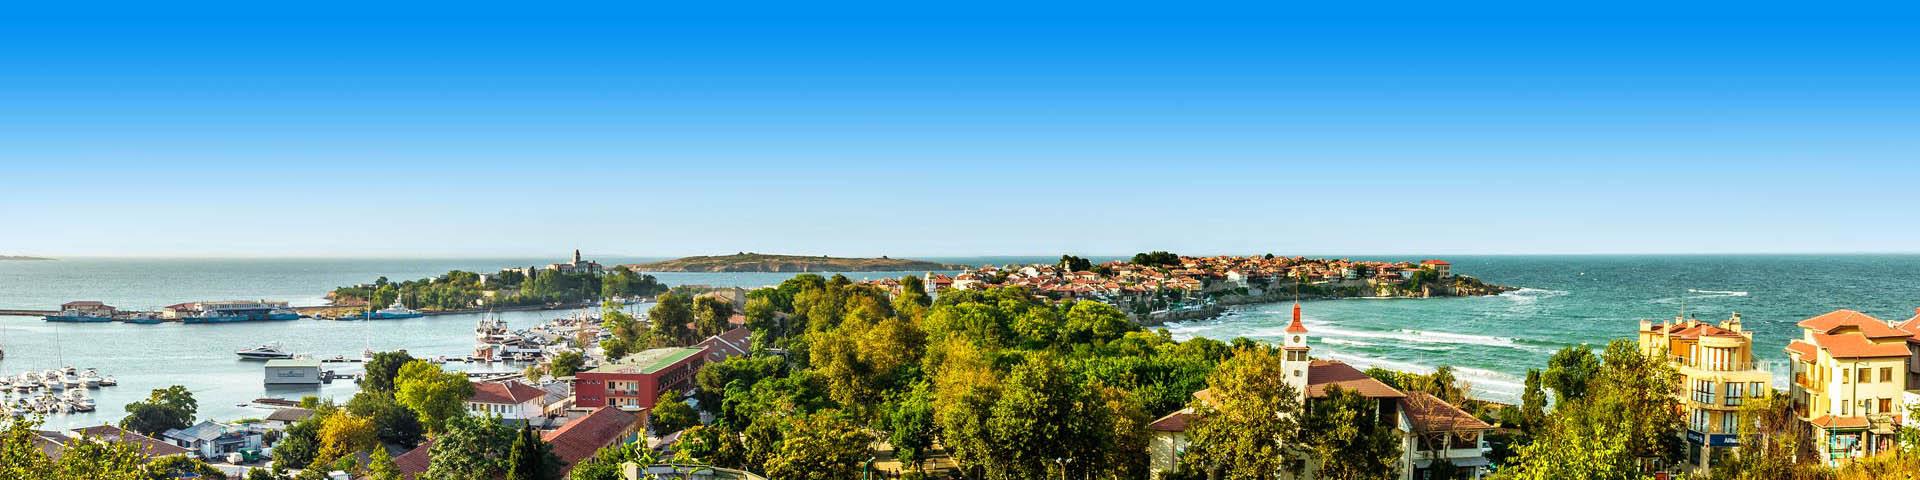 Een stad aan de kust van Bulgarije met de zee op de achtergrond